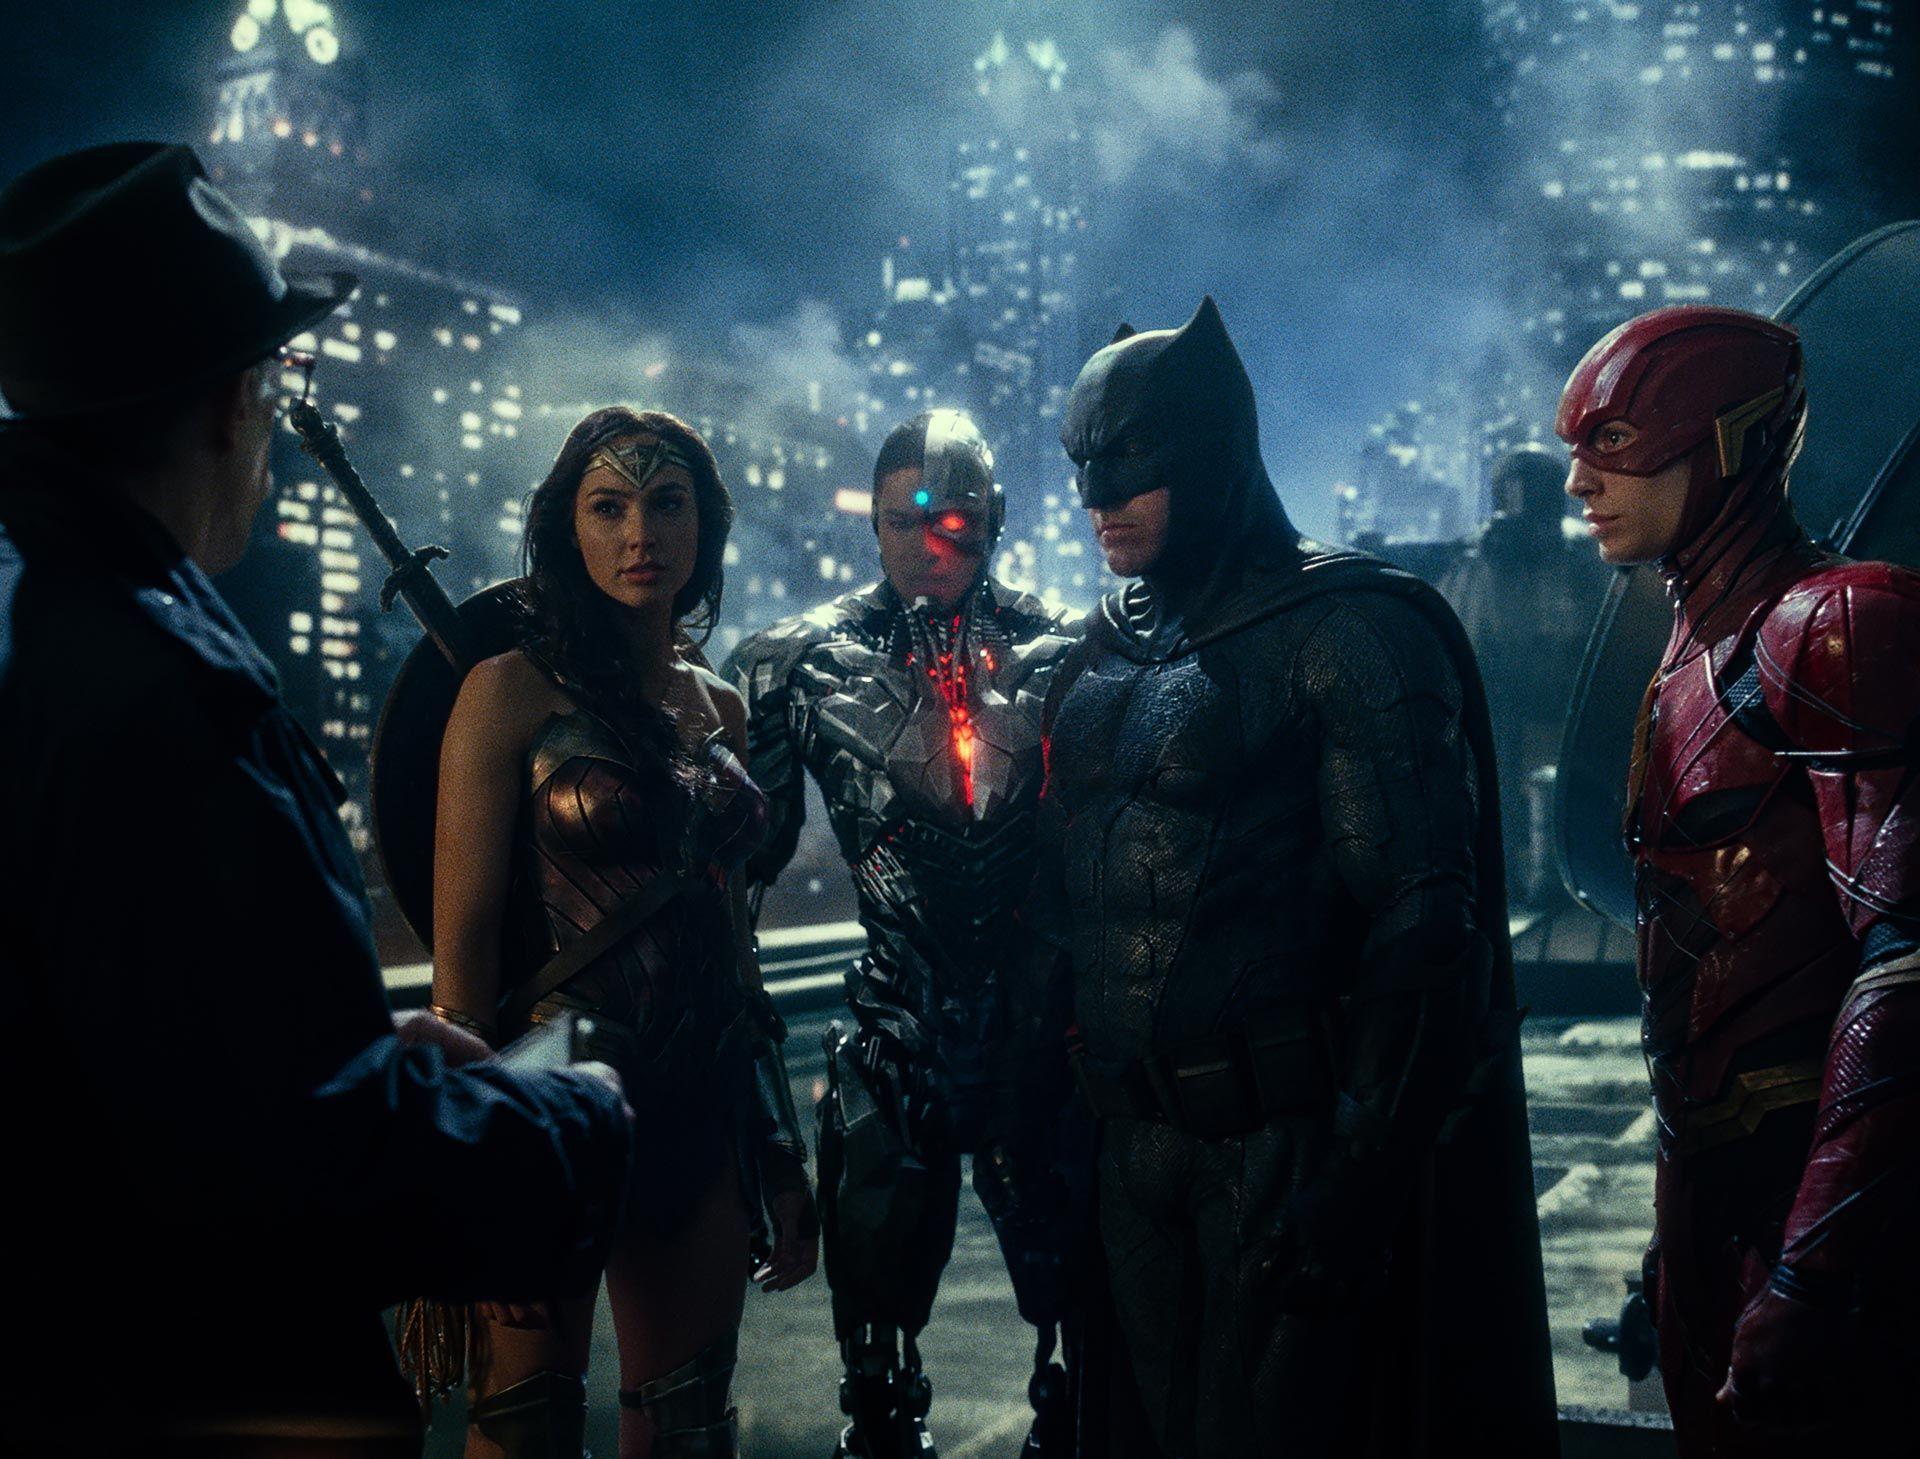 """J.K. SIMMONS es el comisario Gordon, GAL GADOT es Wonder Woman, RAY FISHER es Cyborg, BEN AFFLECK es Batman y EZRA MILLER es Flash en la película de """"Liga de la justicia"""" de Warner Bross."""